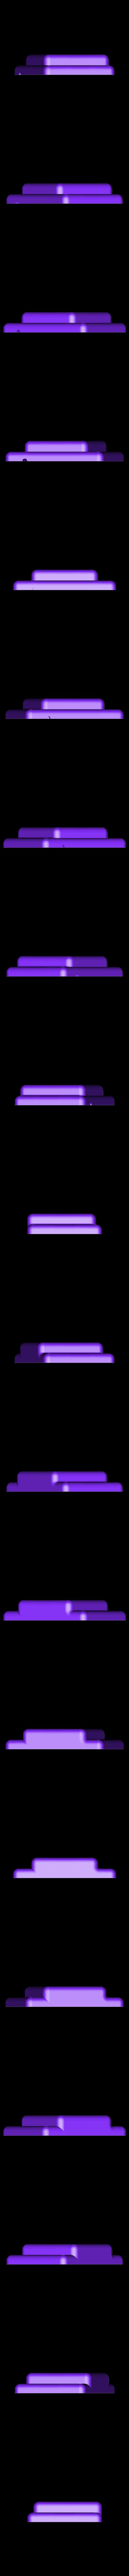 box_top.stl Télécharger fichier STL gratuit Boîte à piles 10S2P • Modèle pour imprimante 3D, dunc